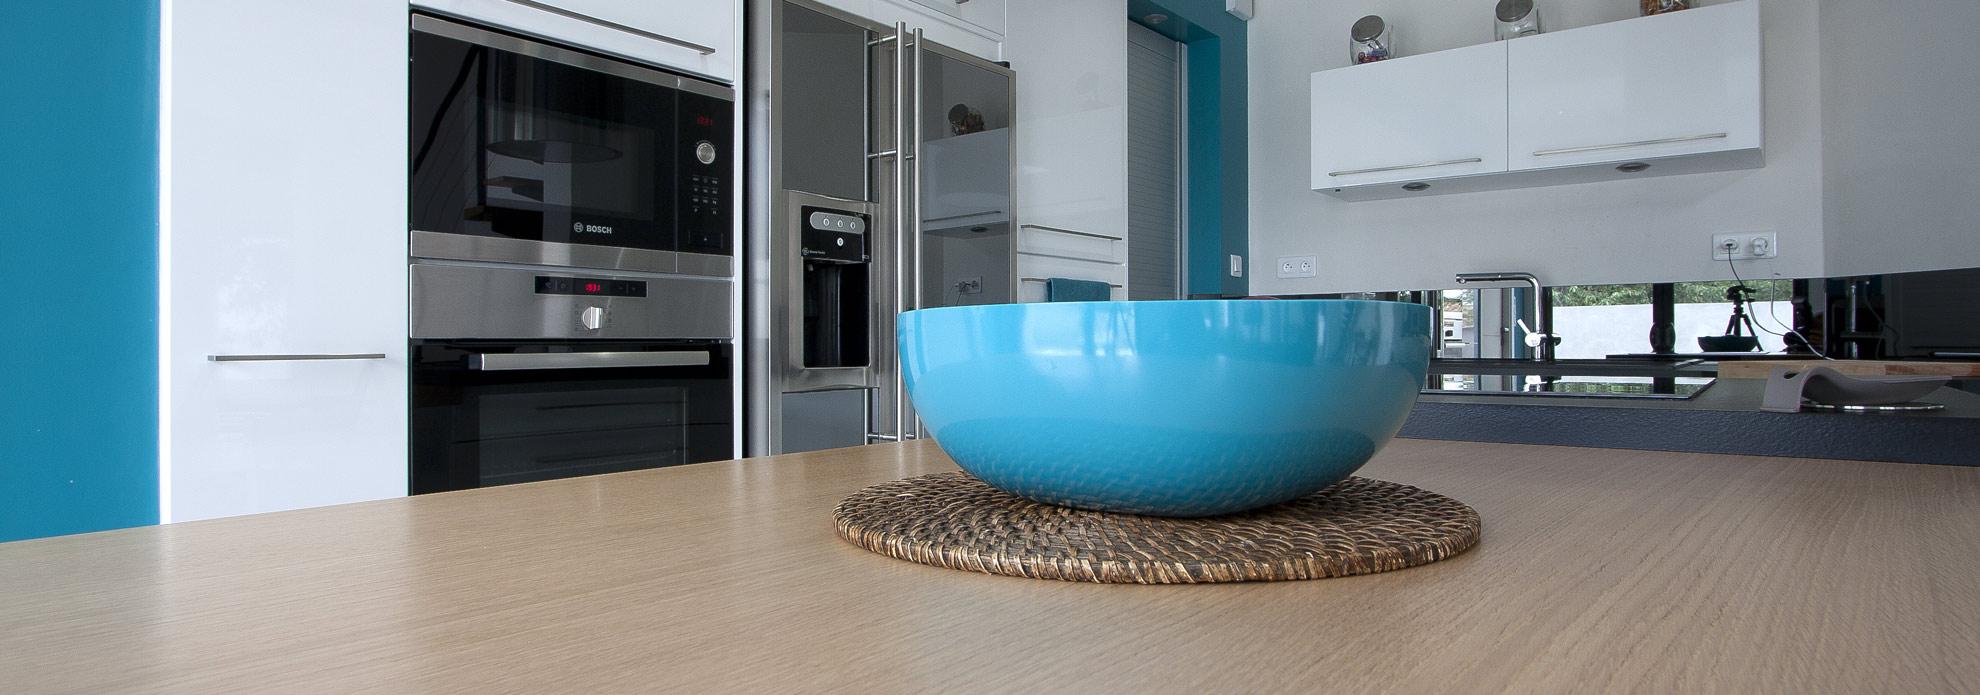 Votre cuisine ... vos couleurs